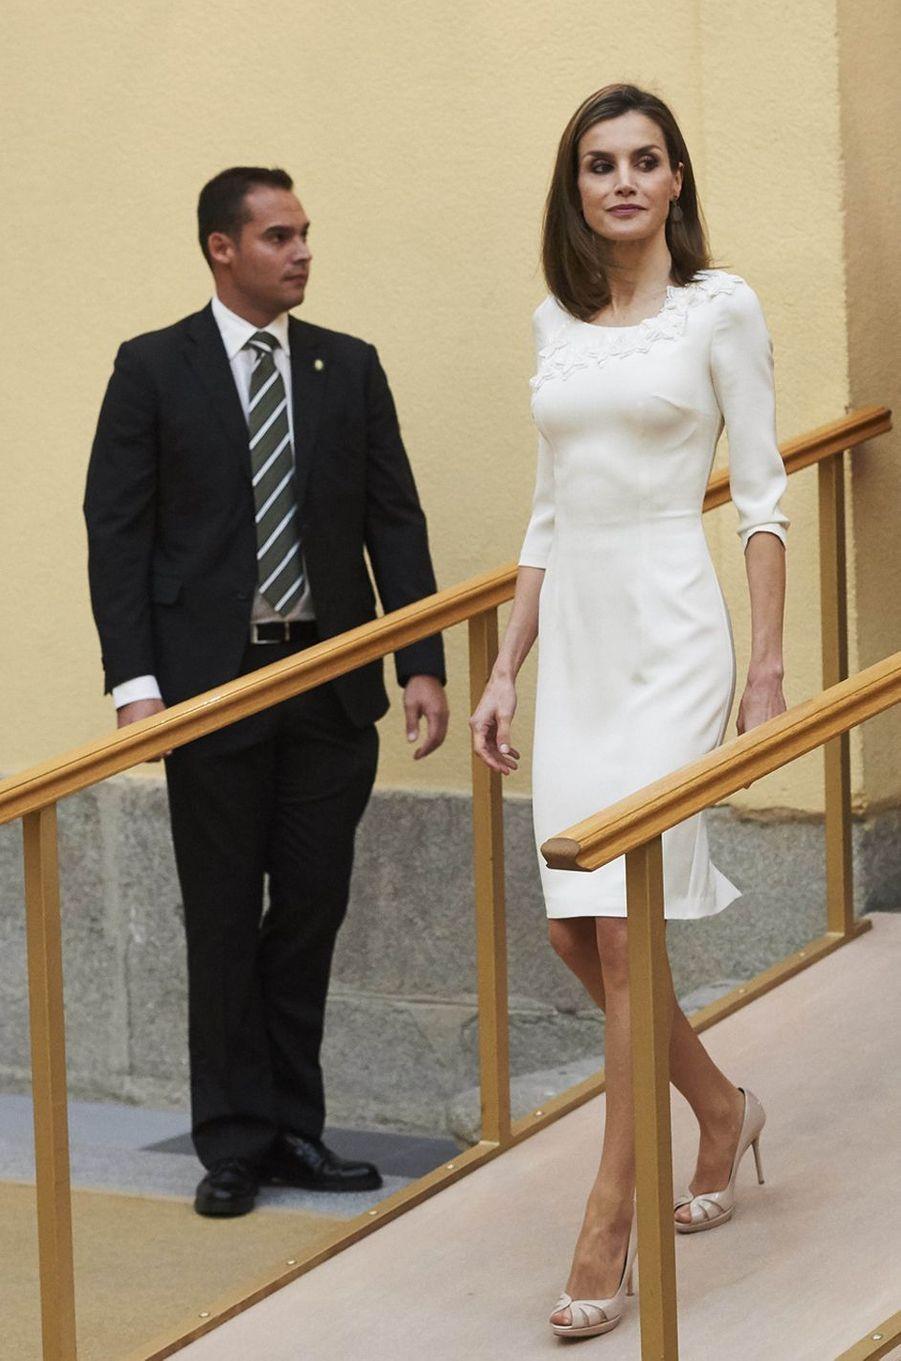 La reine Letizia d'Espagne à Madrid, le 28 septembre 2016